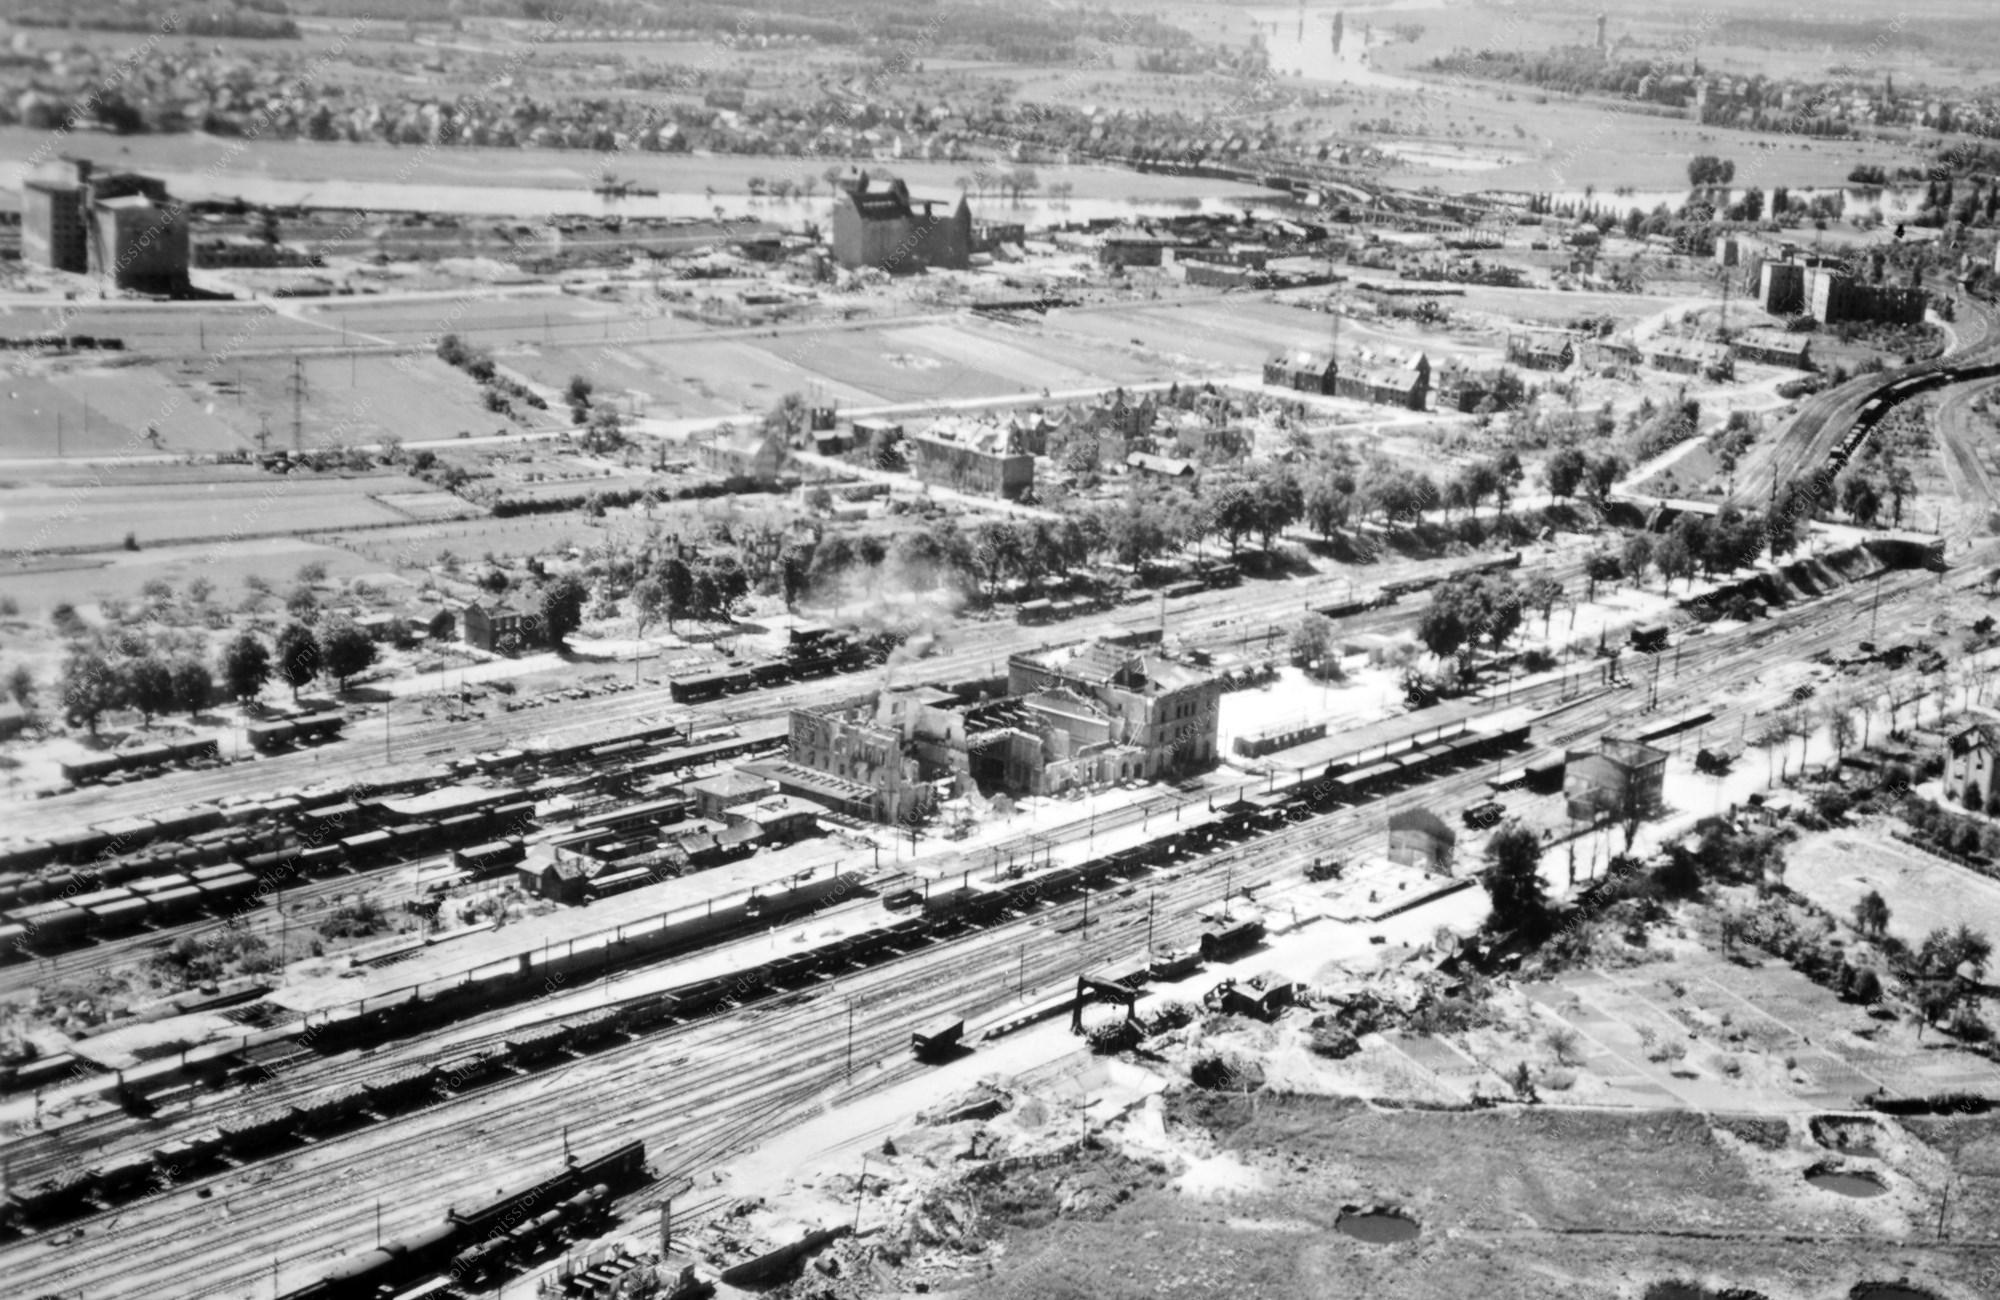 """Der alte Bahnhof """"Hanau Ost"""" bzw. """"Hanau Hauptbahnhof"""" im Mai 1945 nach den Luftangriffen der Alliierten"""